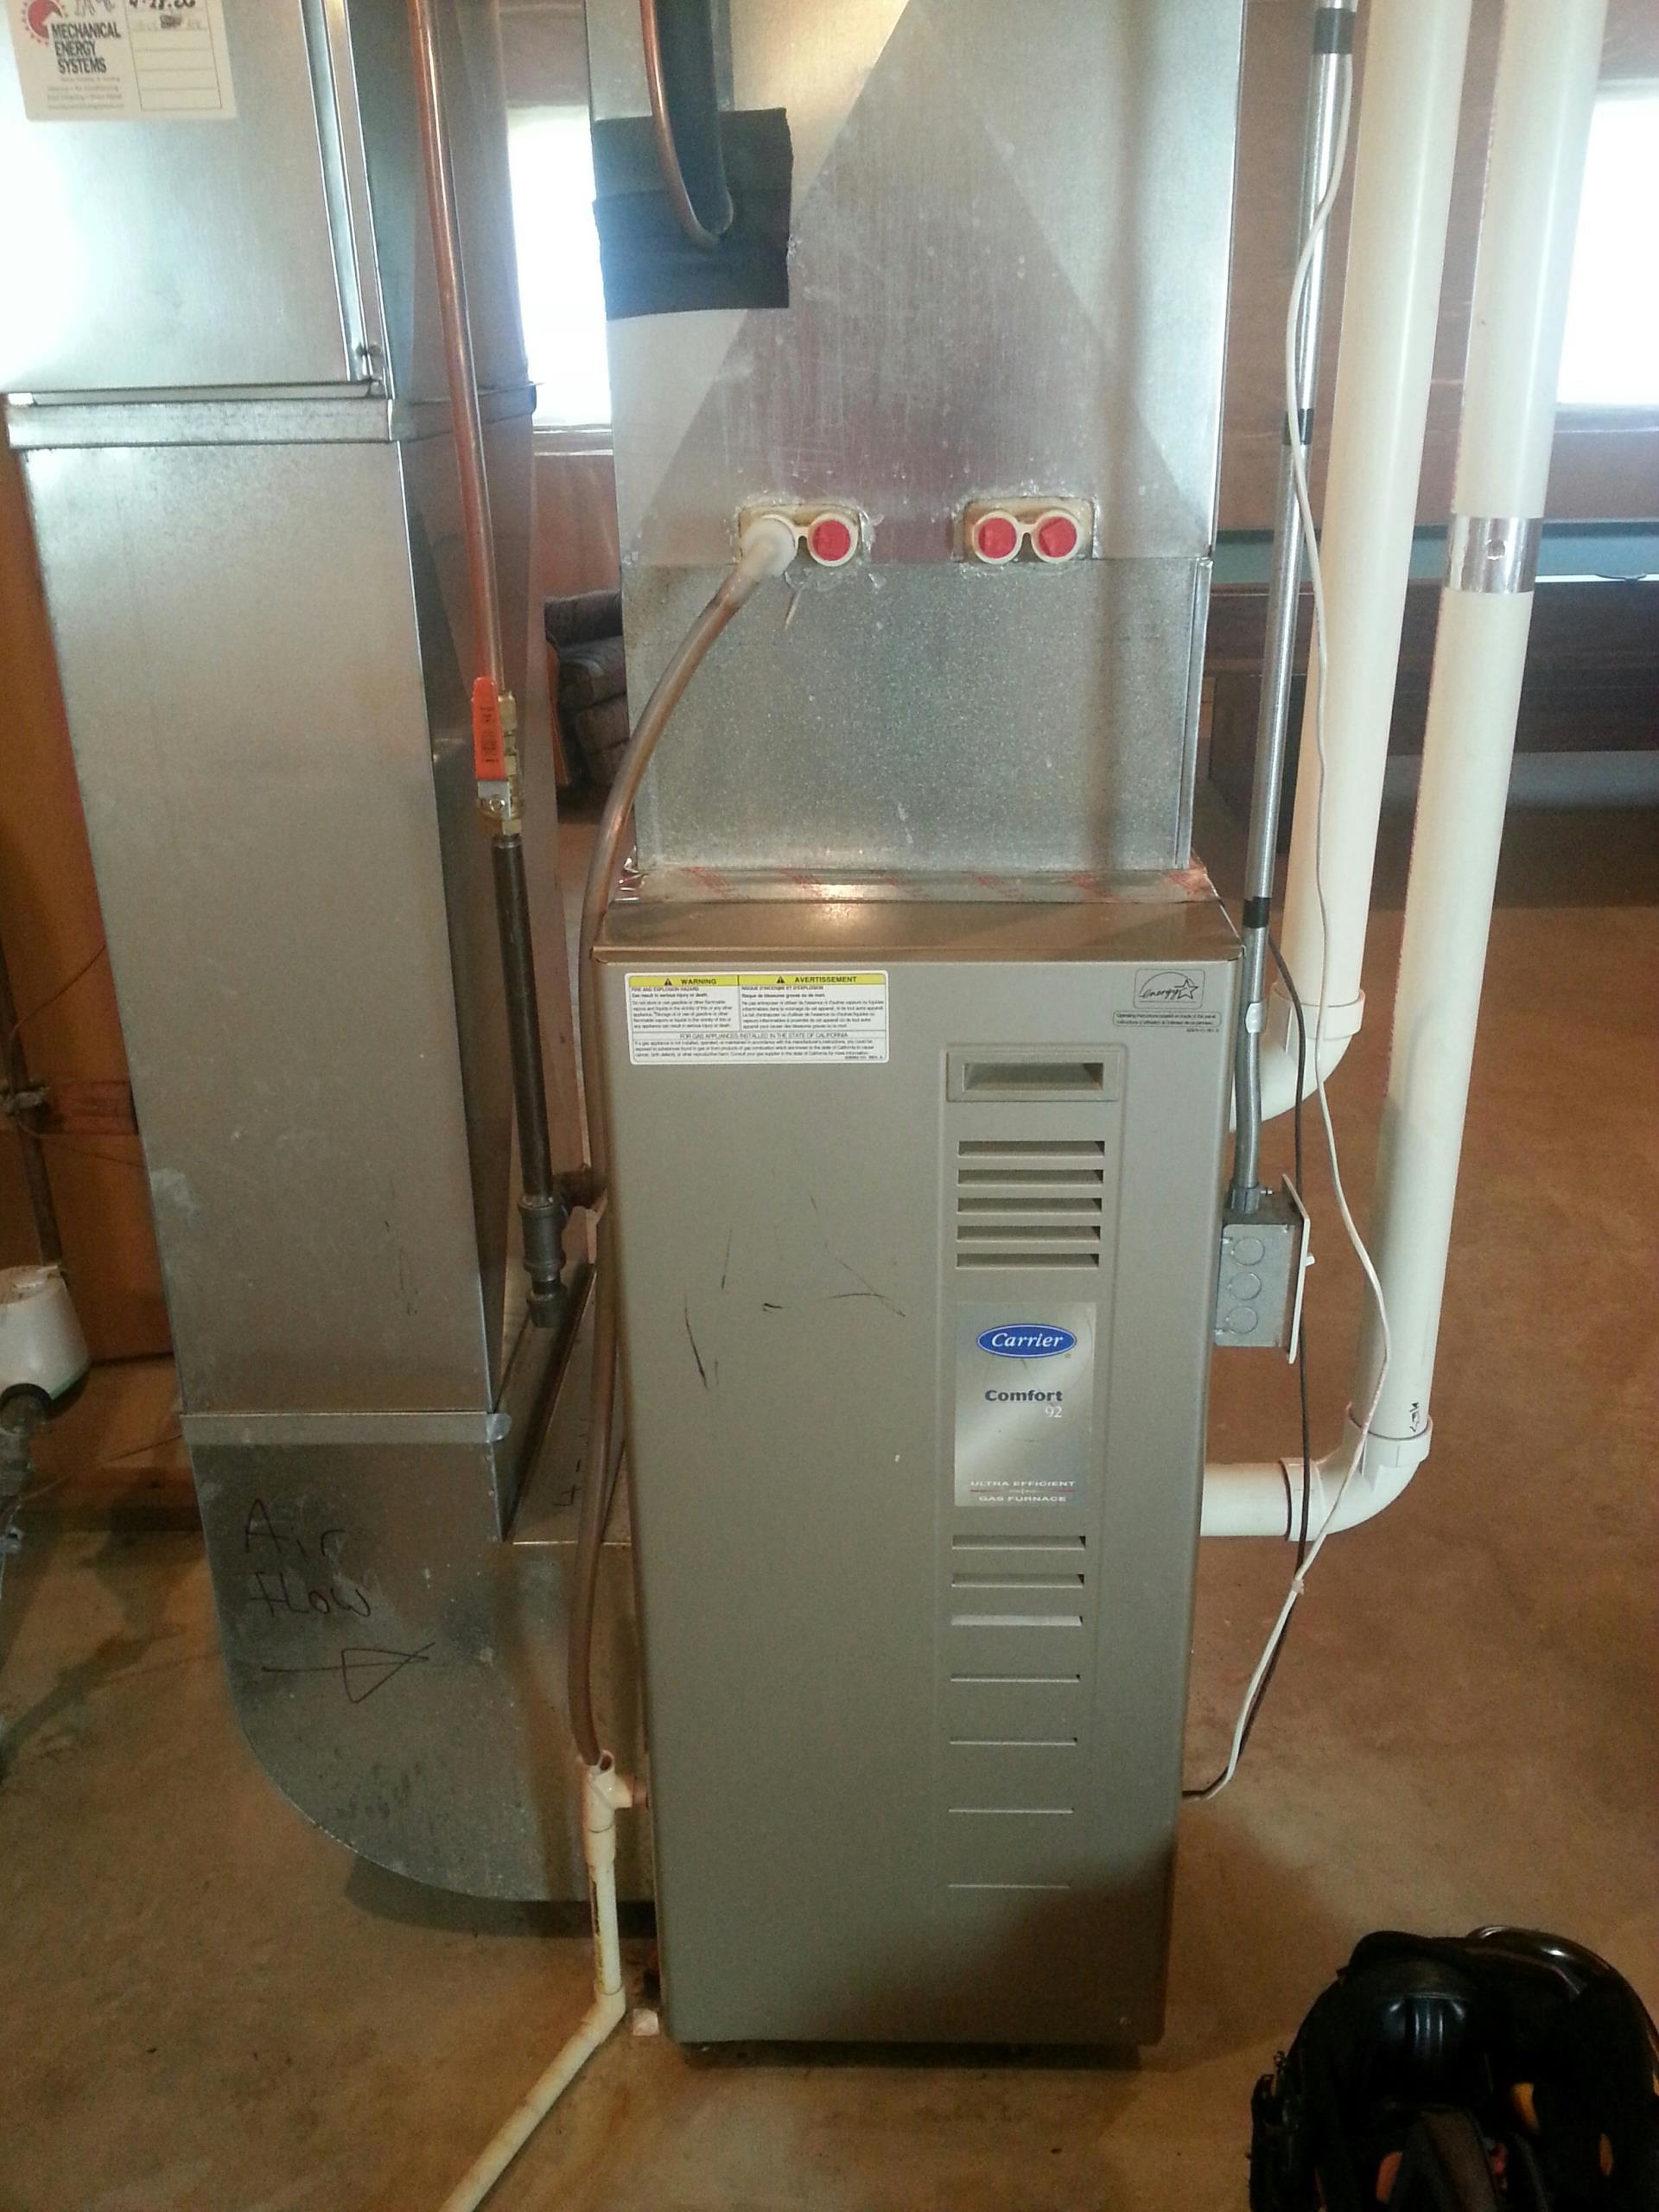 Carrier furnace maintenance